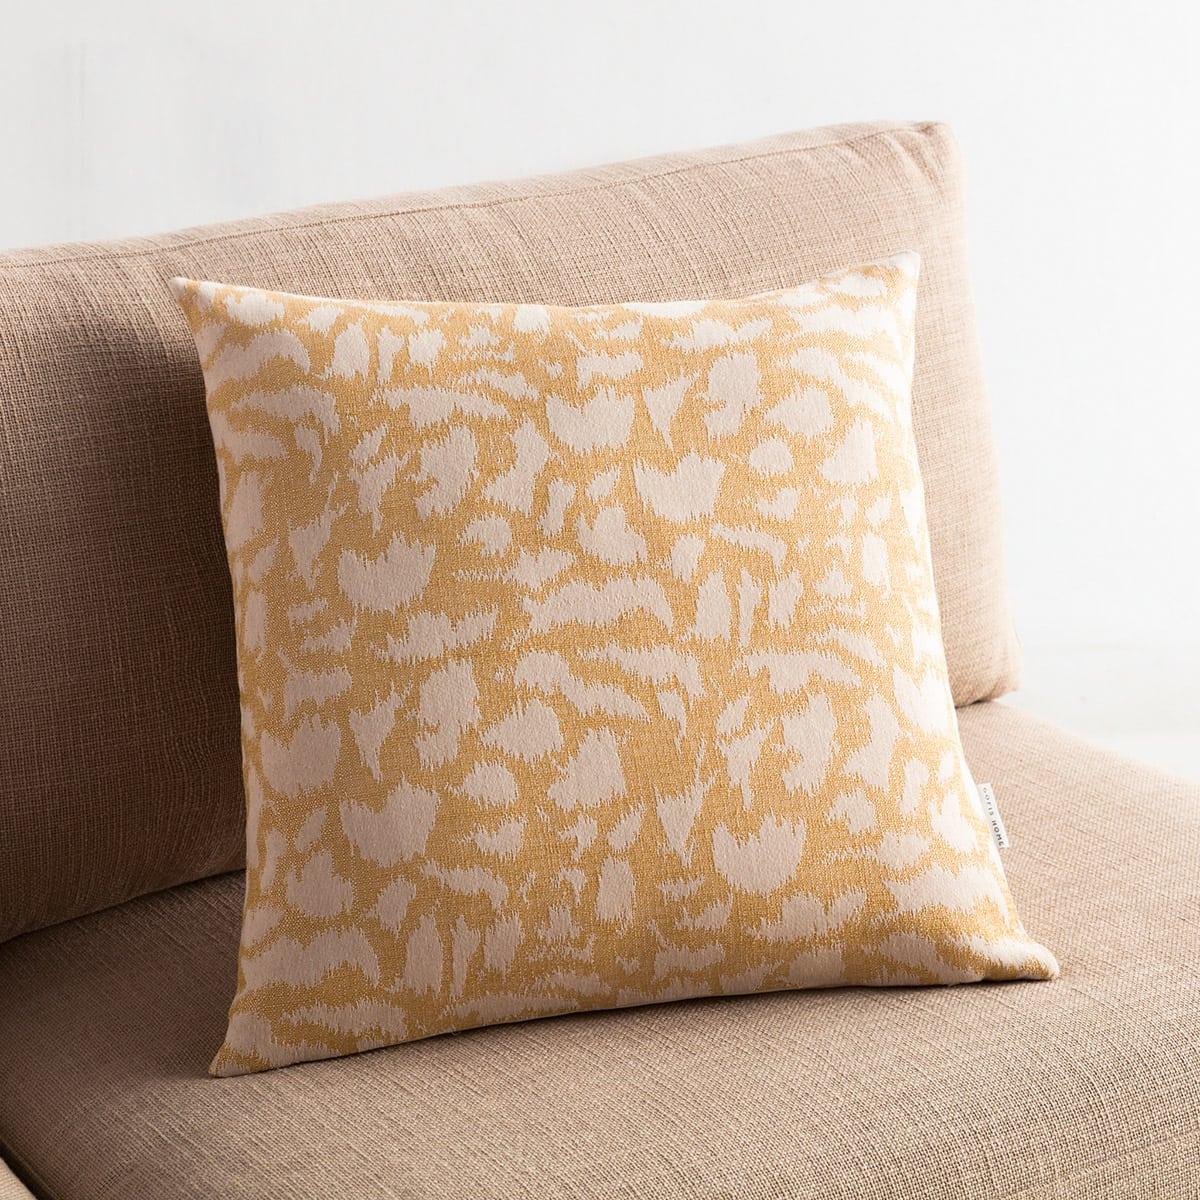 Μαξιλαροθήκη Διακοσμητική Simone 458/04 Mustard Gofis Home 50X50 Βαμβάκι-Polyester